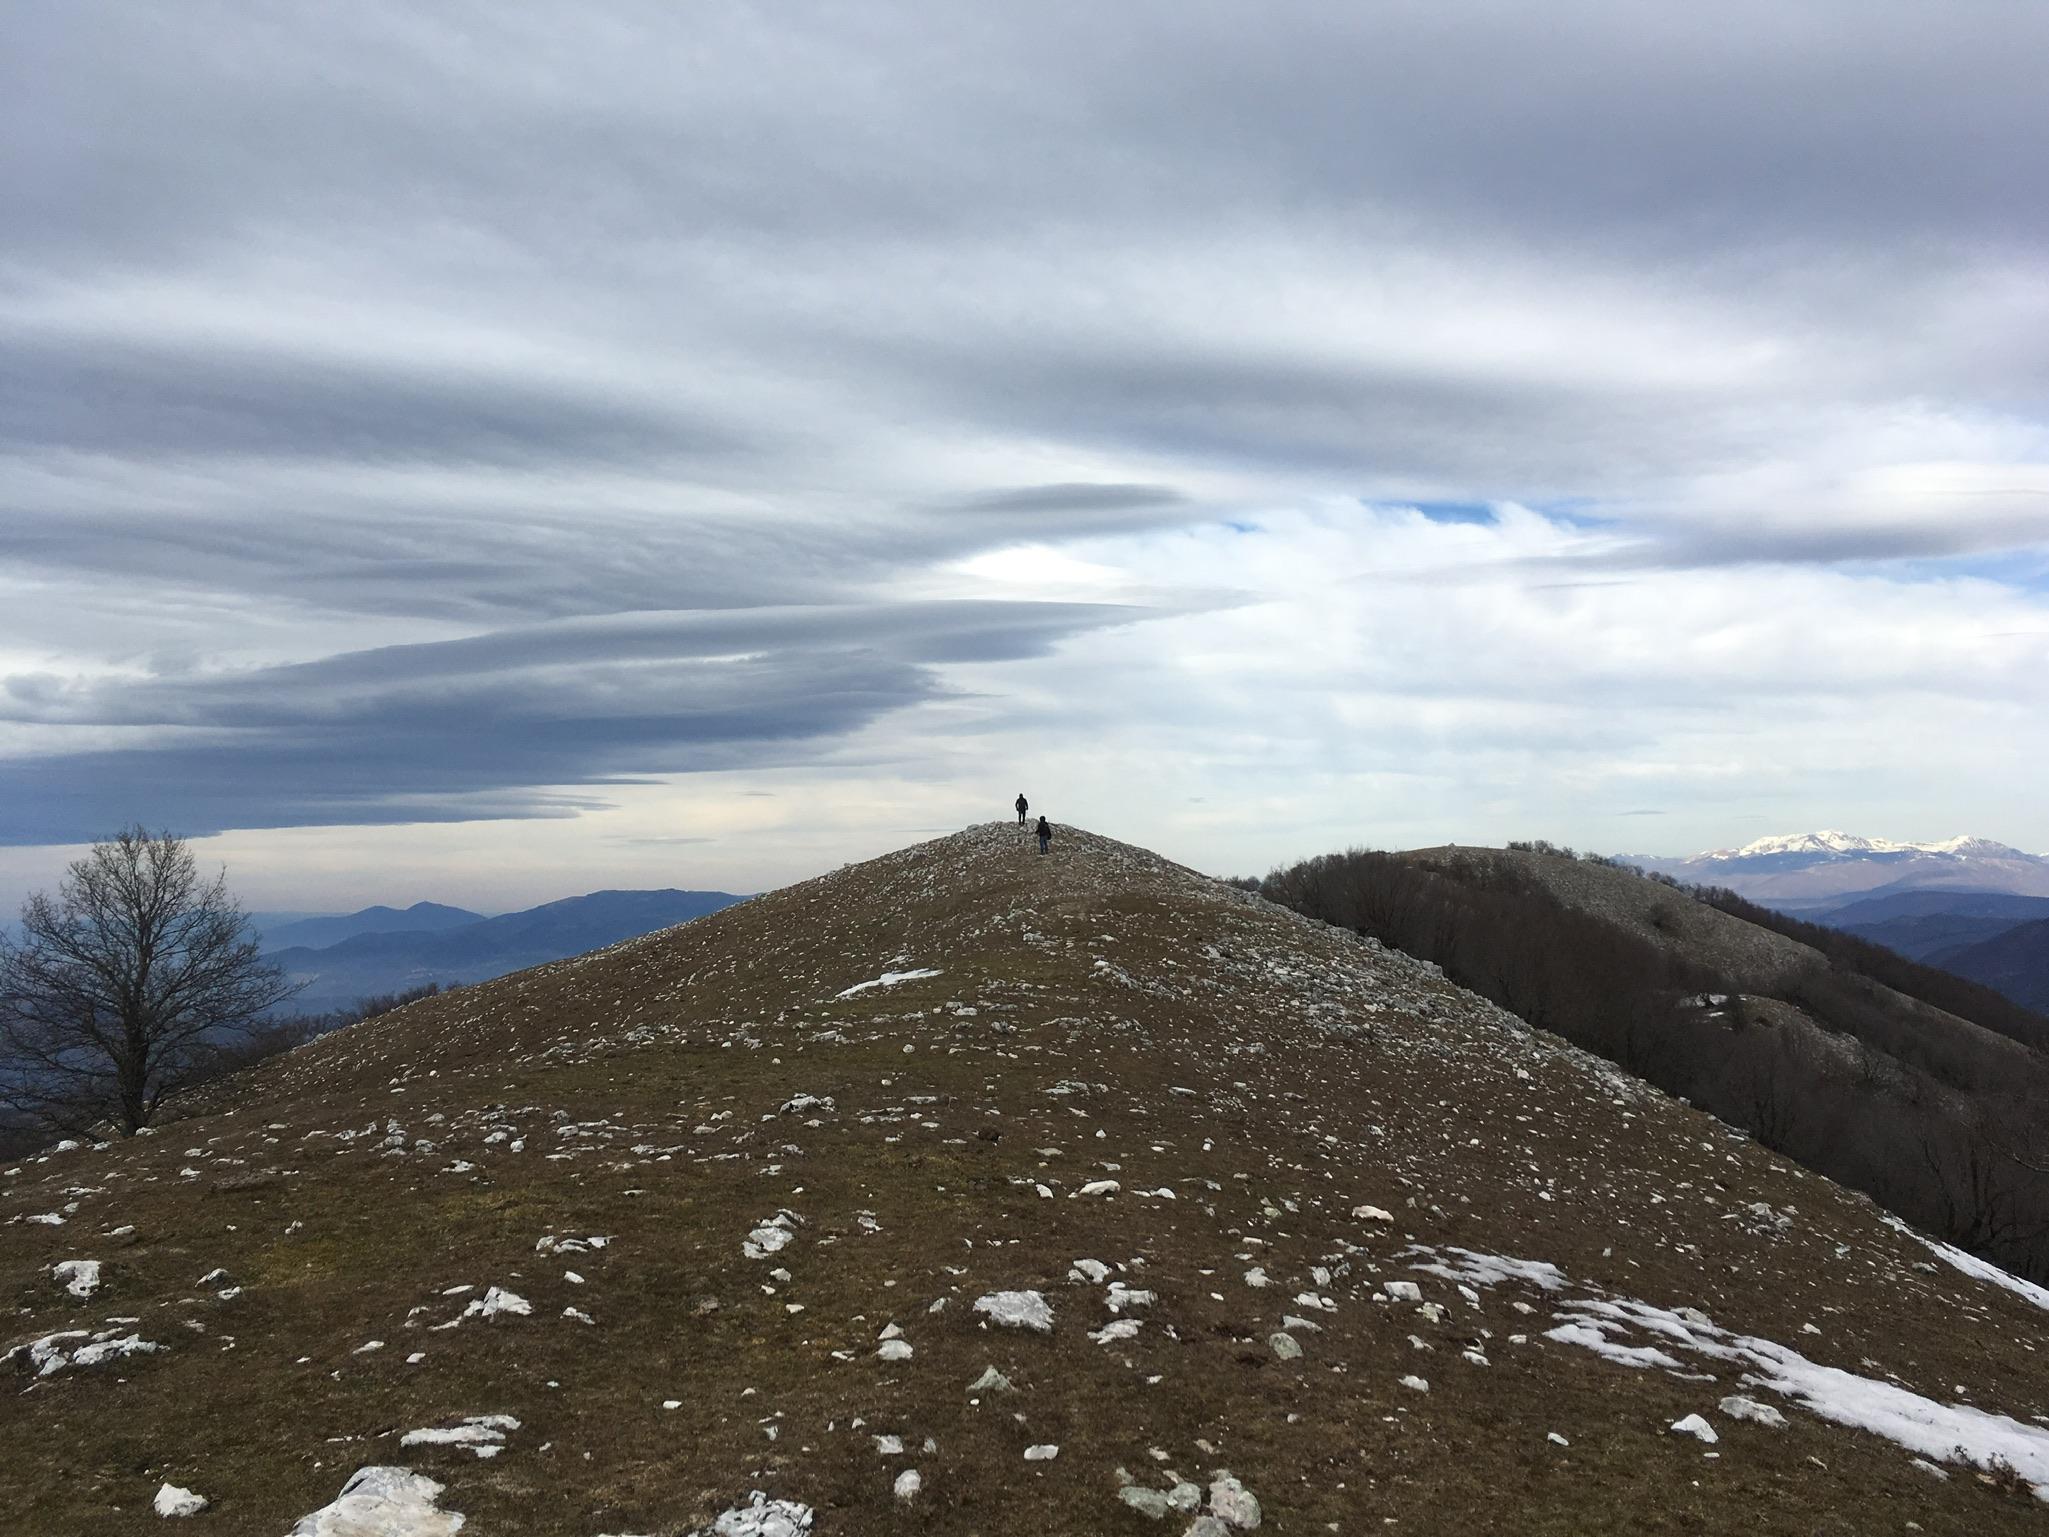 Il Monte Pellecchia, la vetta più alta dei Lucretili @ Parco Regionale dei Monti Lucretili